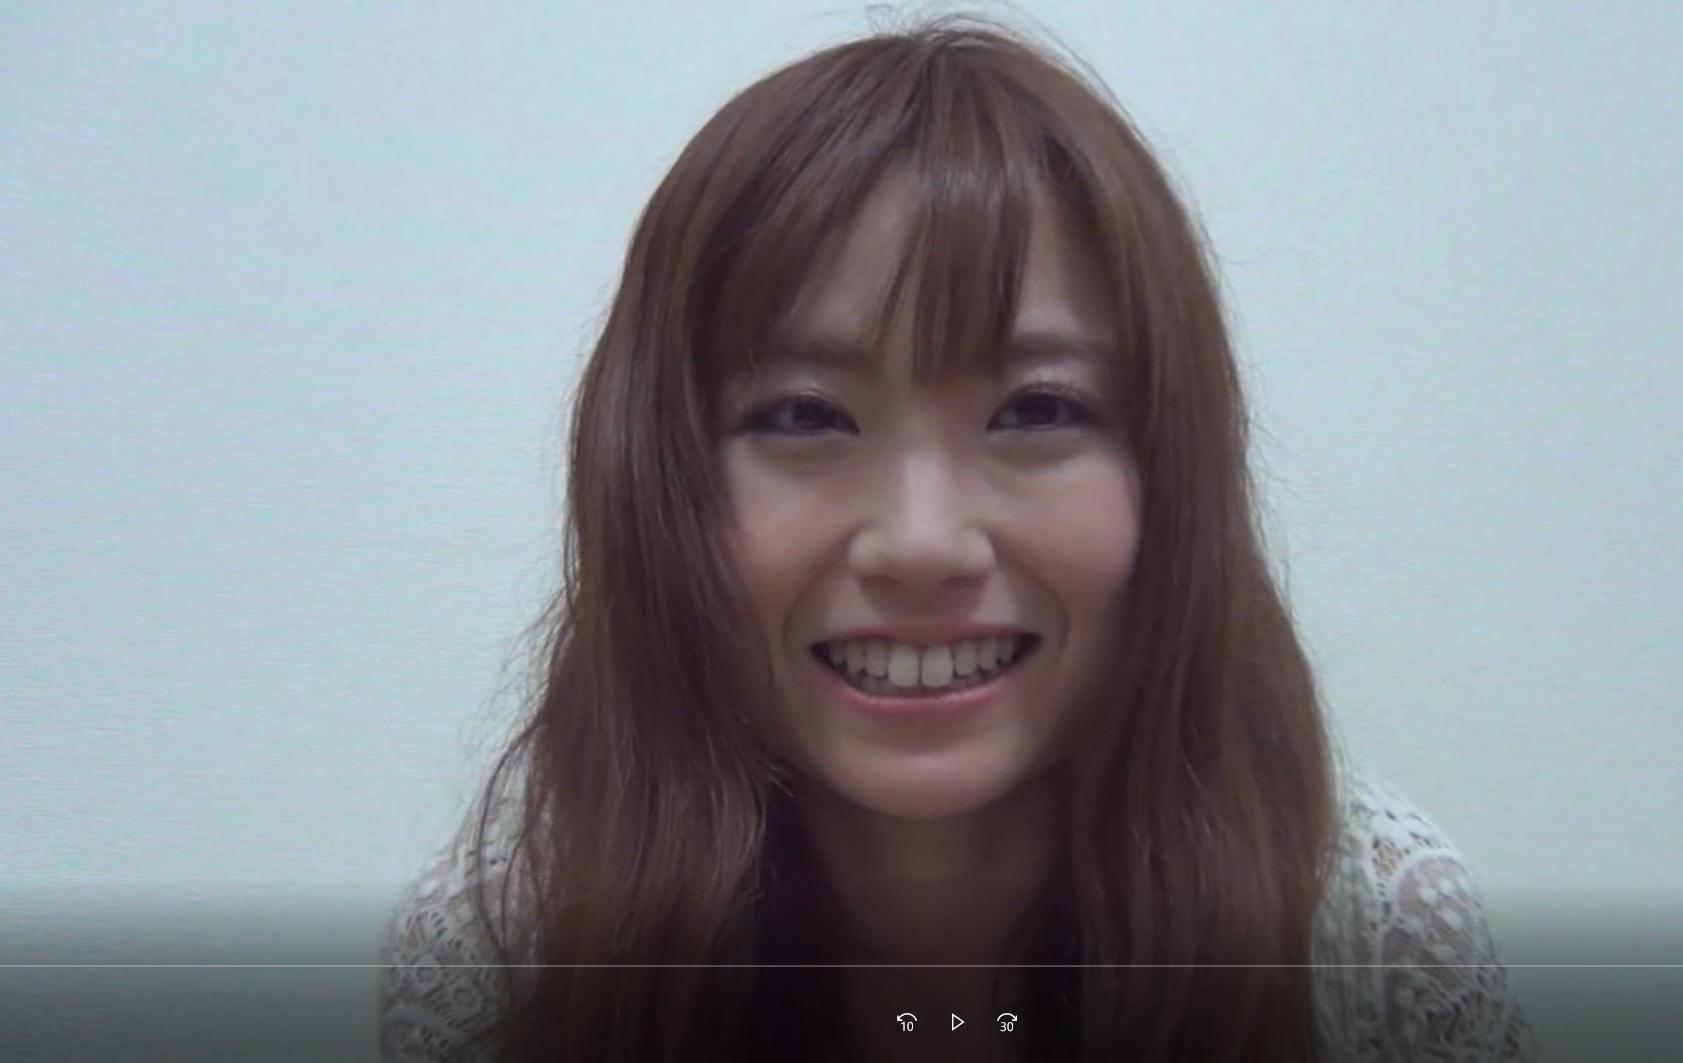 関西弁スレンダー彼女に自撮りオナさせて…